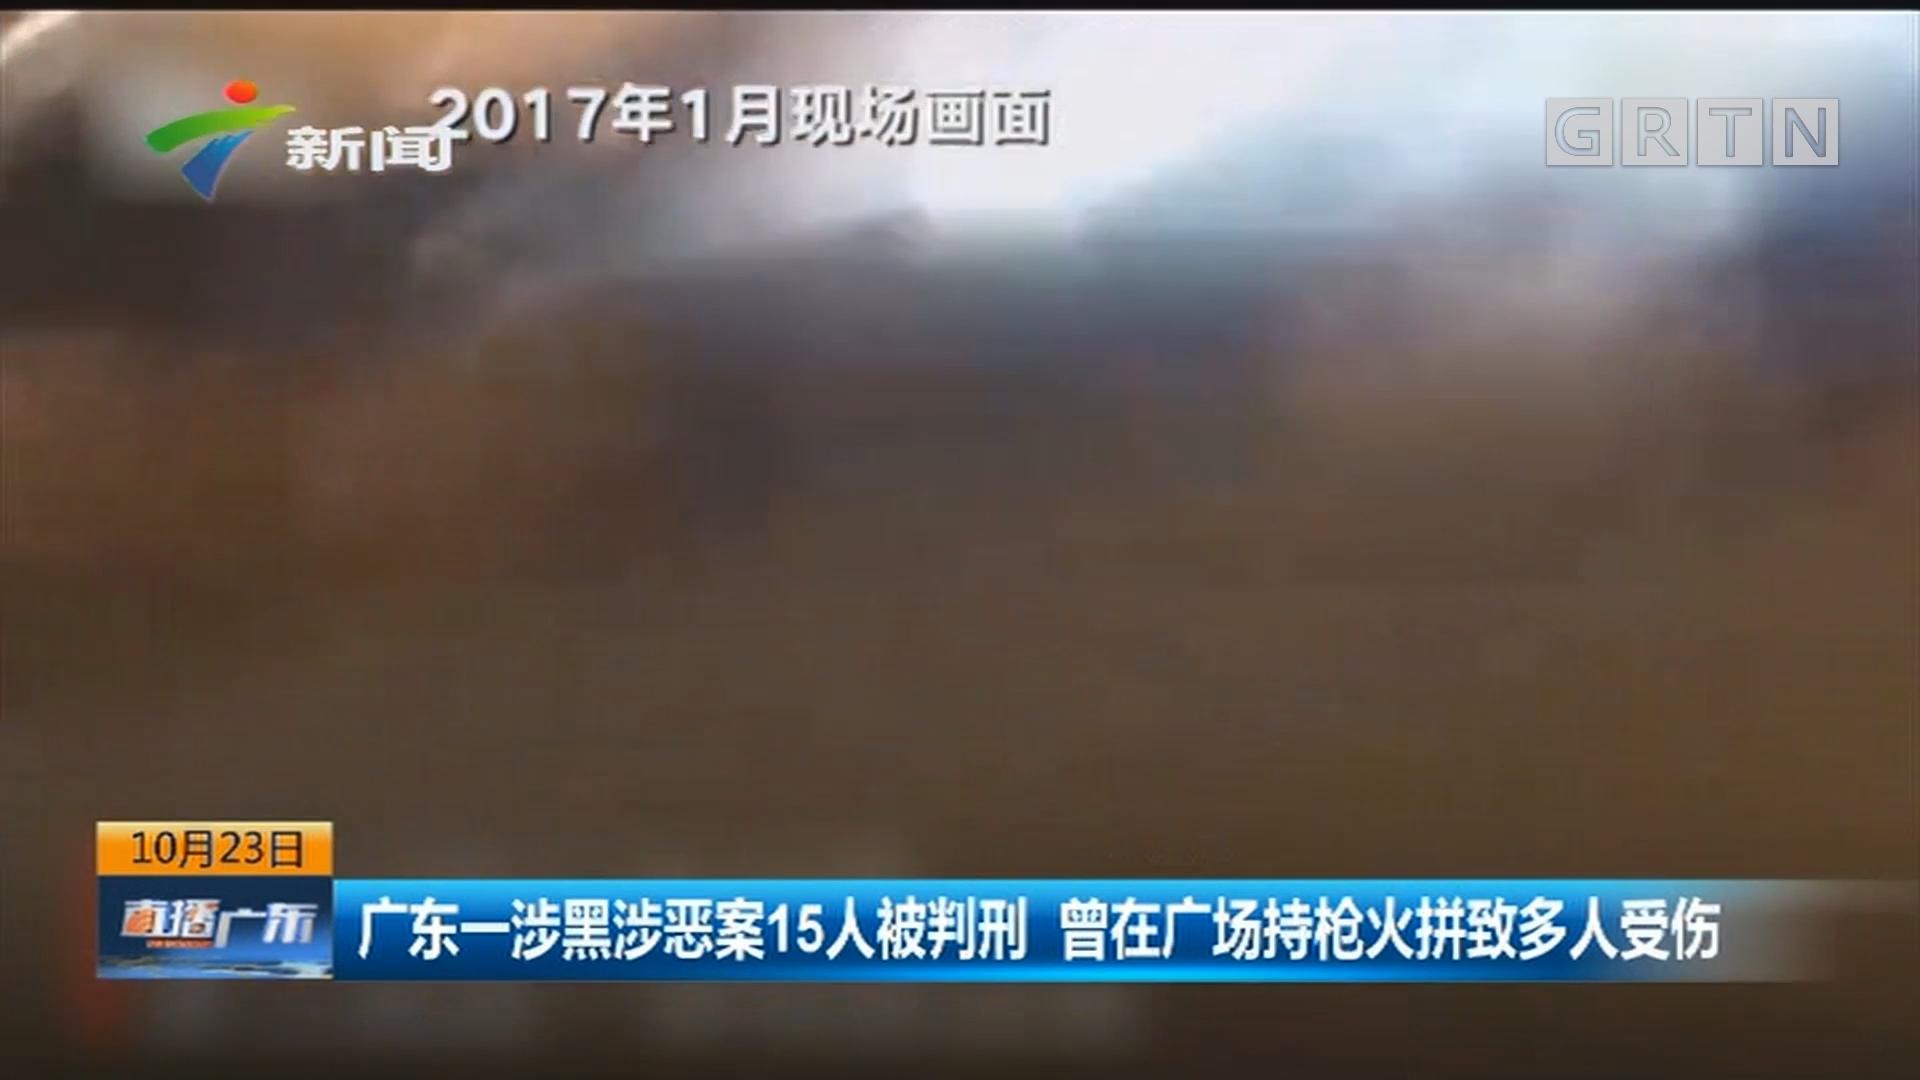 广东一涉黑涉恶案15人被判刑 曾在广场持枪火拼致多人受伤